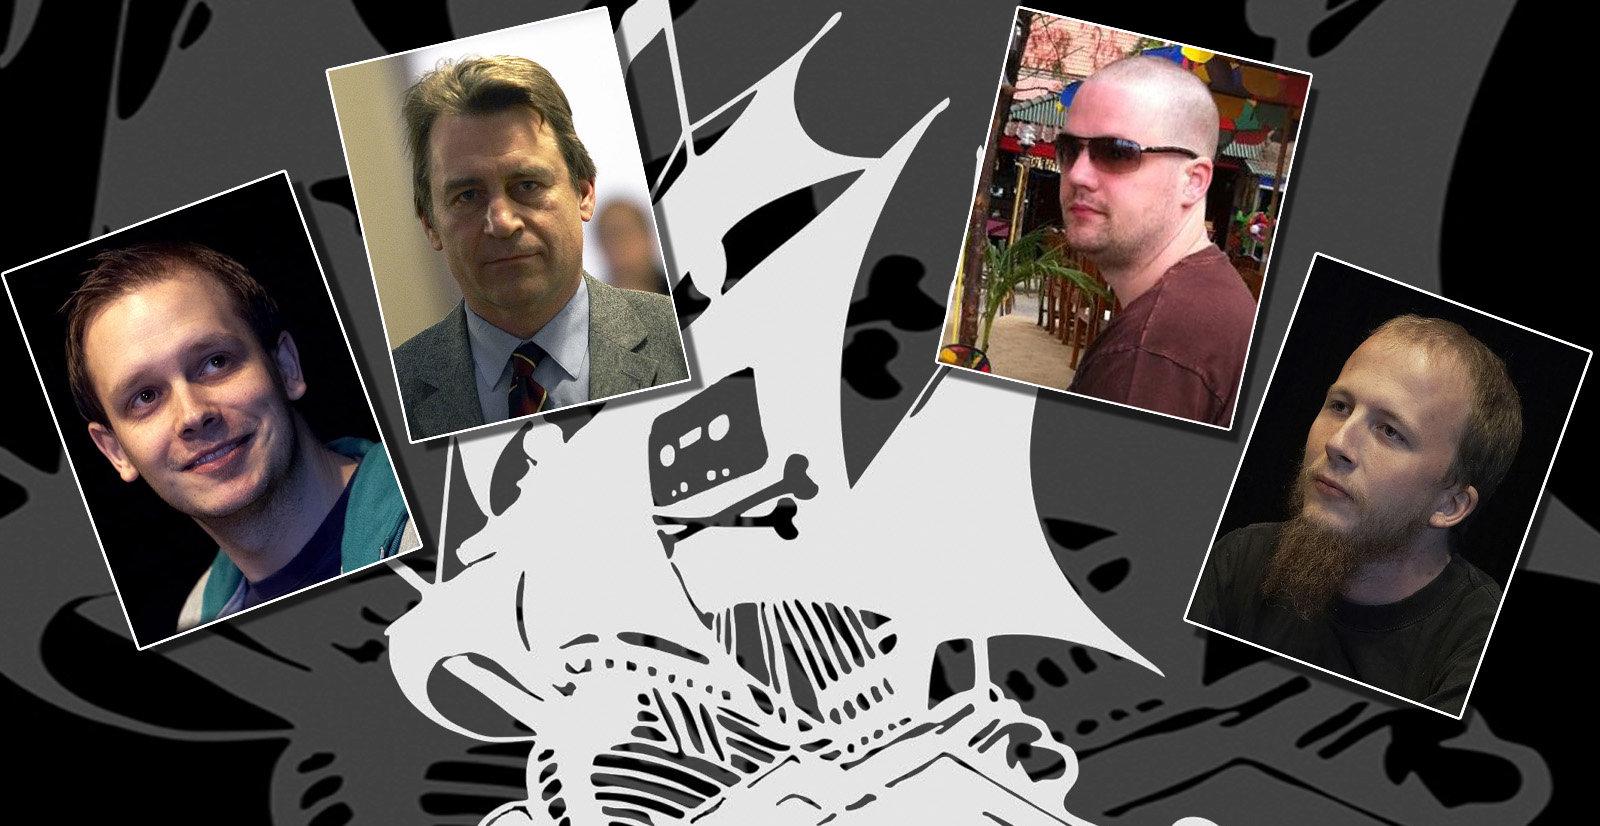 De fire Pirate Bay-gründerne har levd høyst forskjellige liv etter at dommen mot dem falt i 2009. Fra venstre Peter Sunde, Carl Lundström, Fredrik Neij og Gottfrid Svartholm Warg.